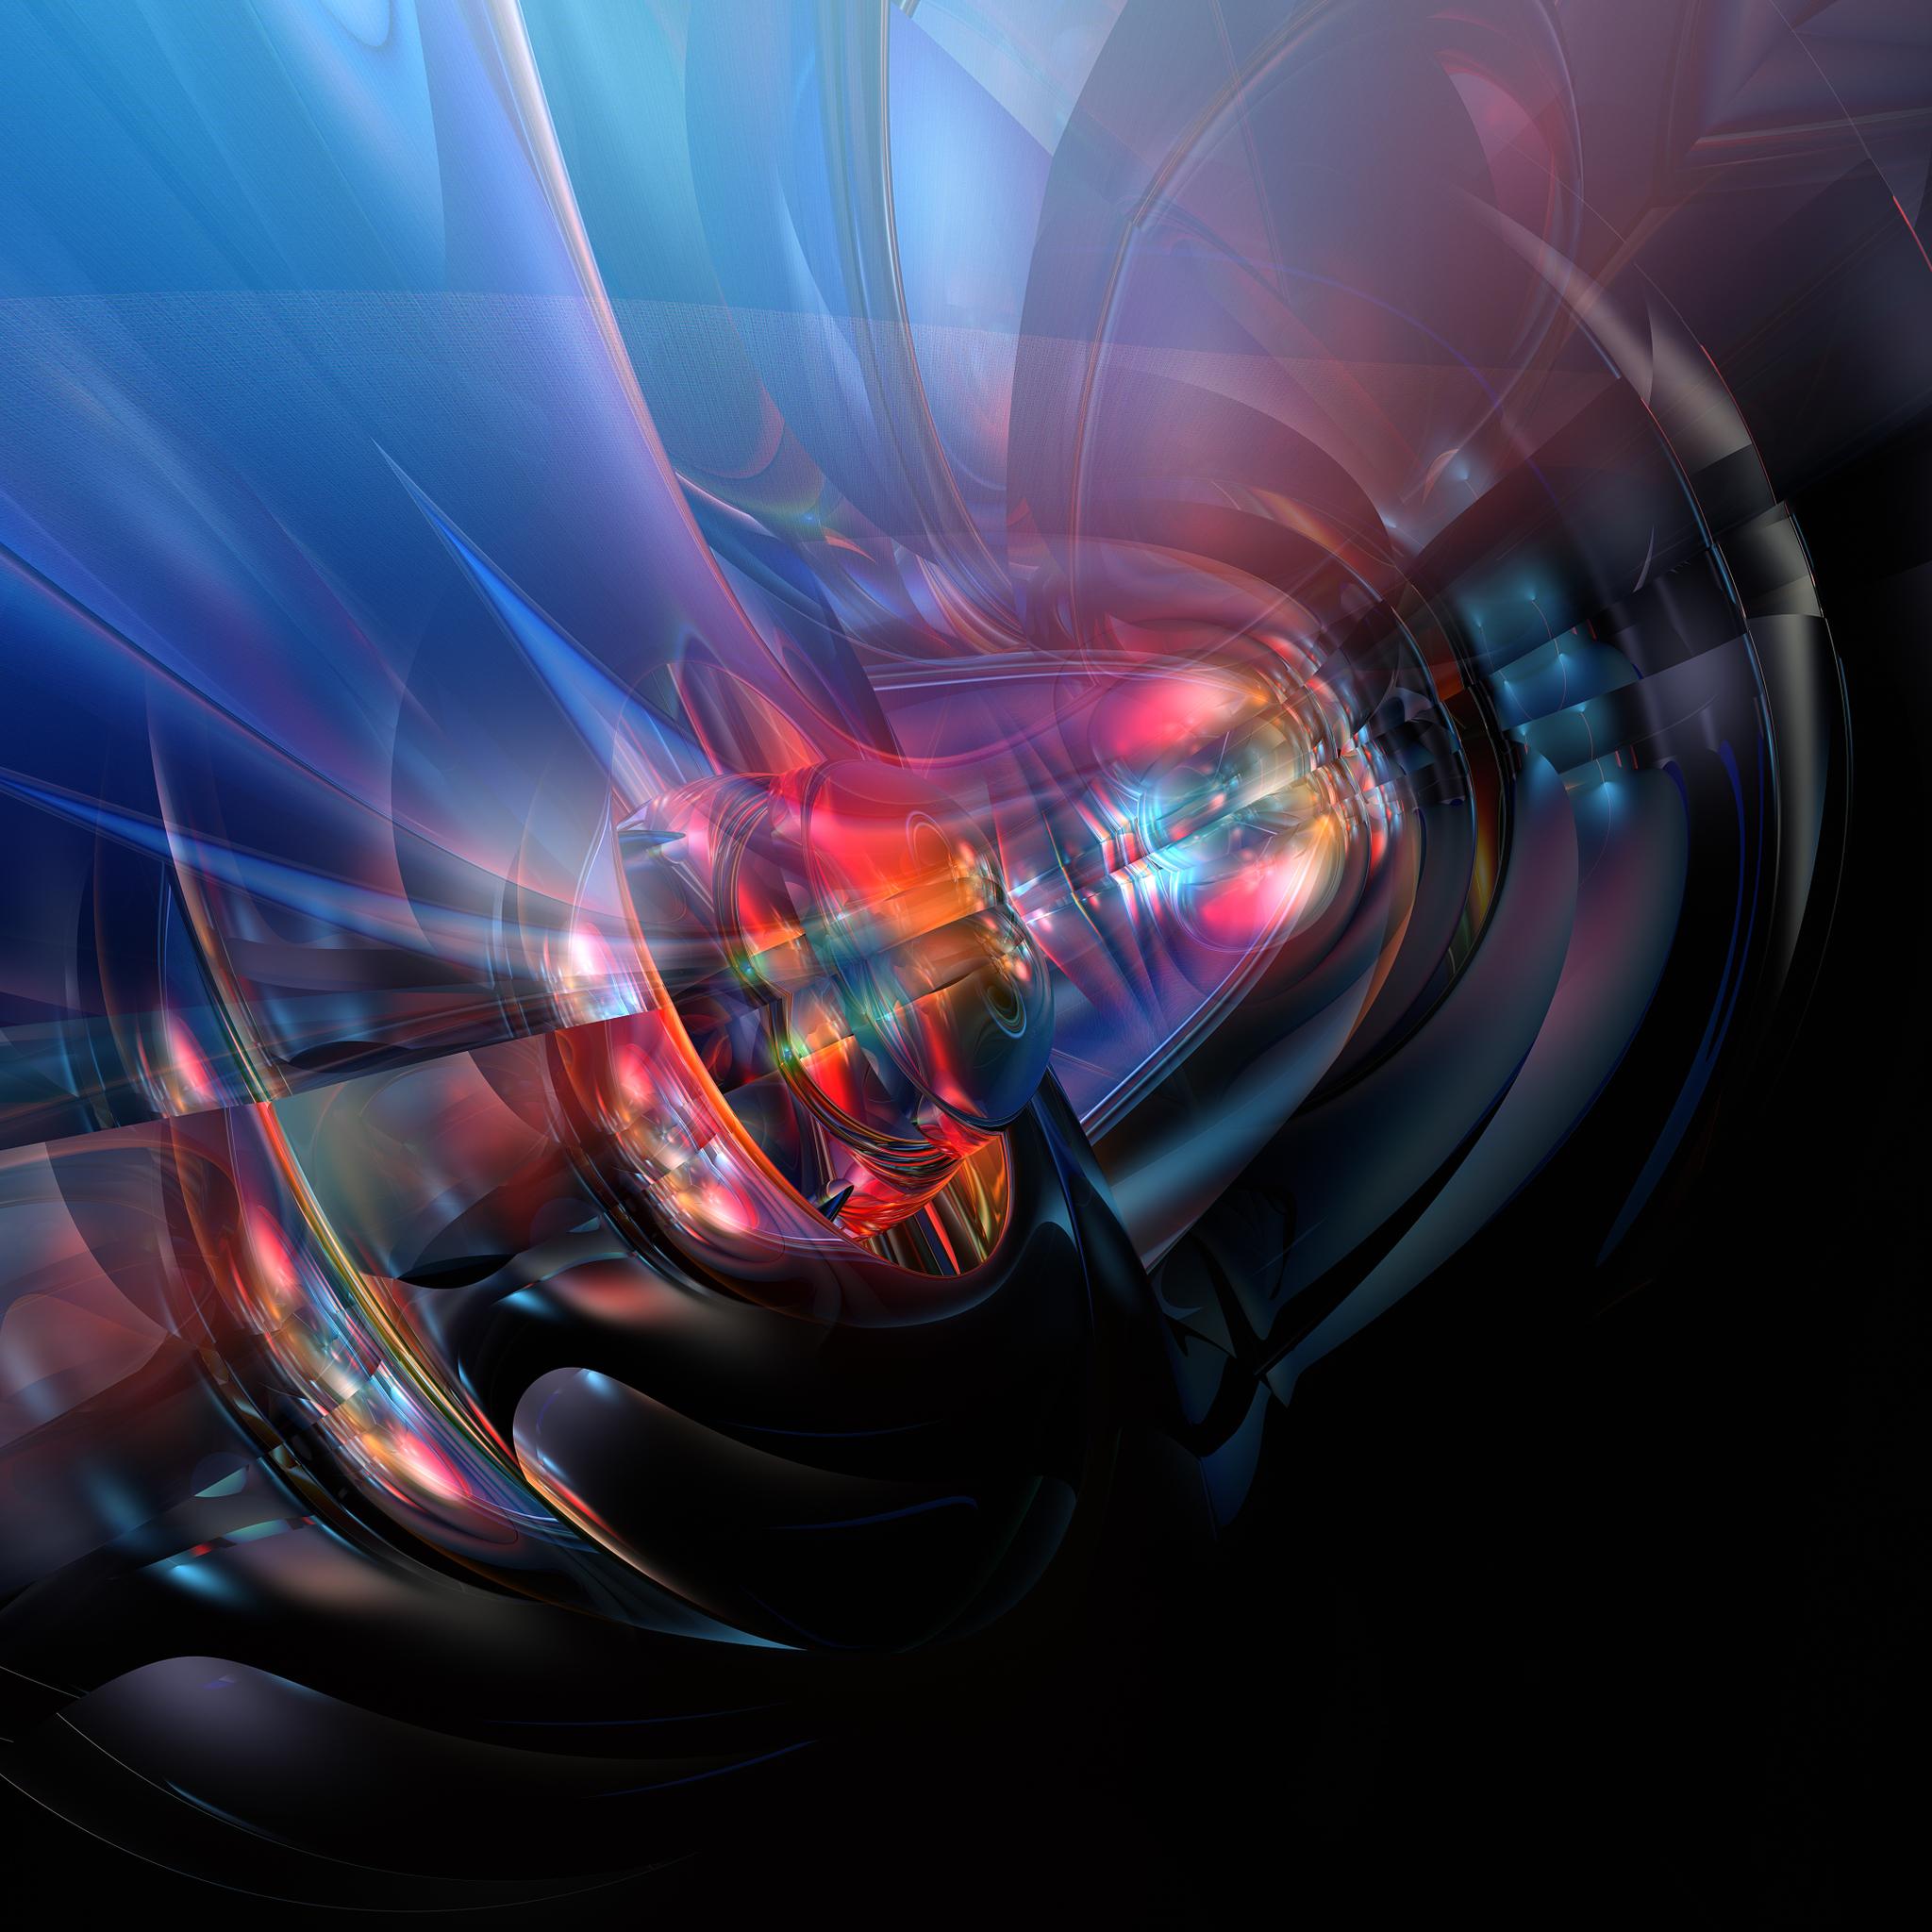 2048x2048 4k Fusion Abstract Ipad Air HD 4k Wallpapers